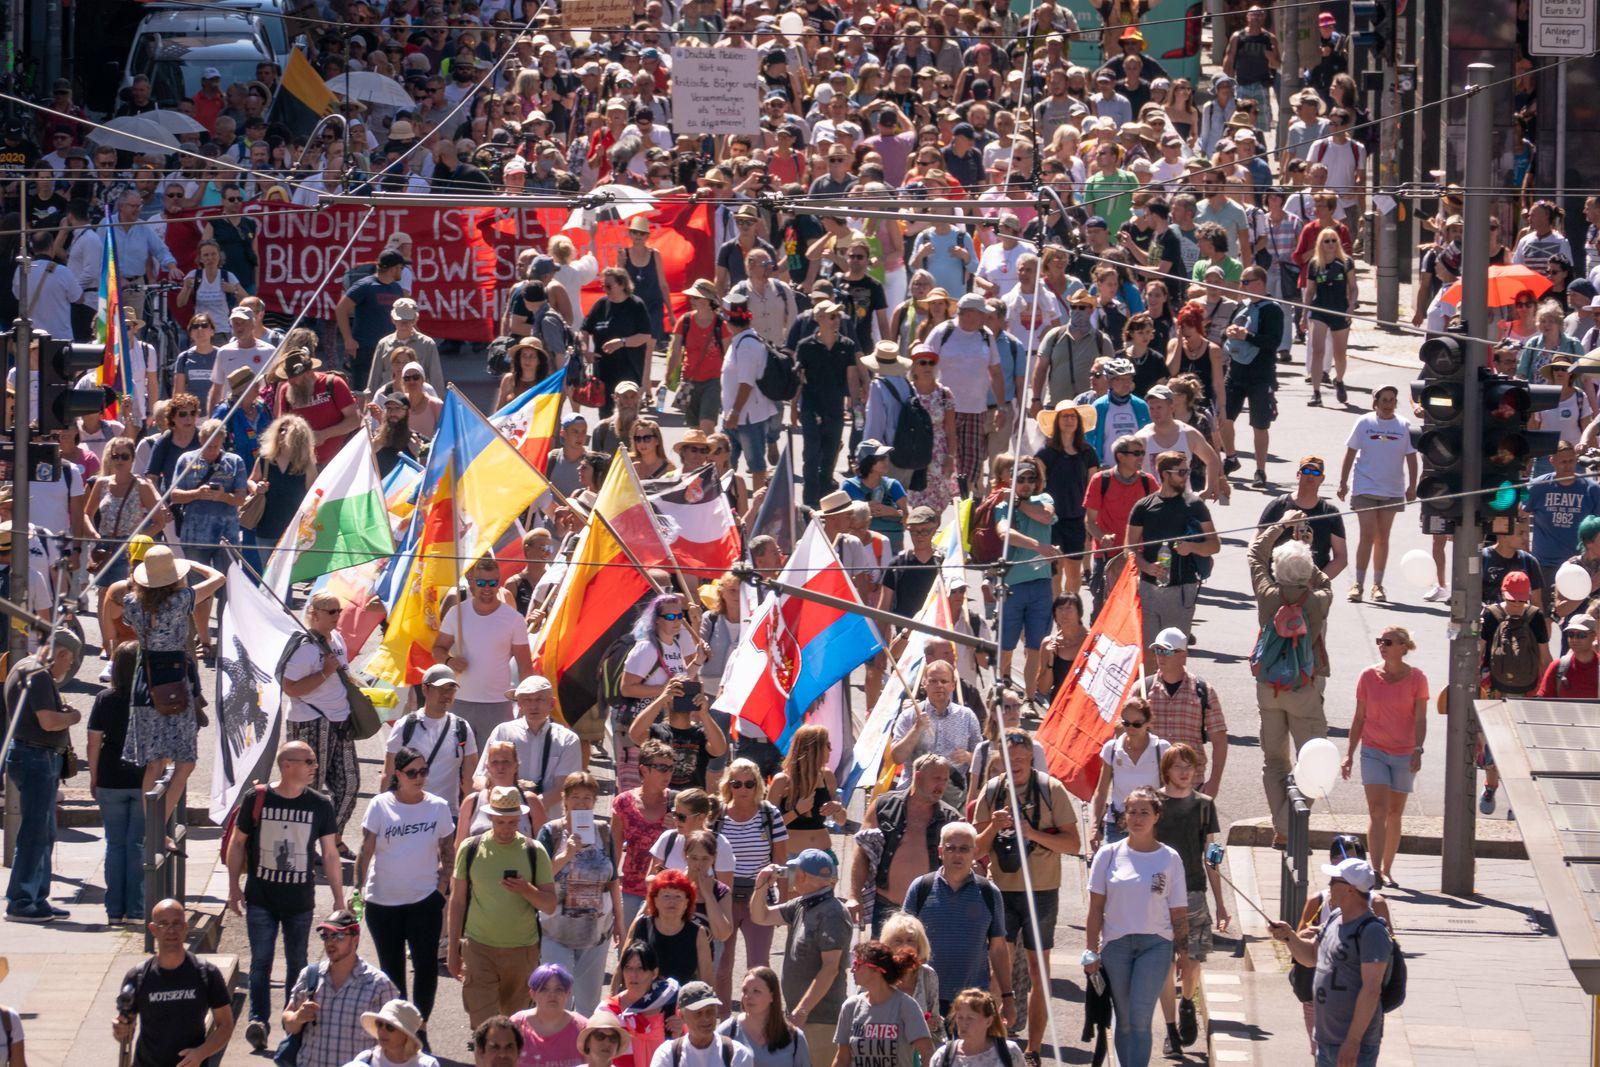 01.08.2020,Berlin,Deutschland,GER,Großdemonstration gegen Corona-Auflagen,durchgeführt von der Stuttgarter Initiative Q